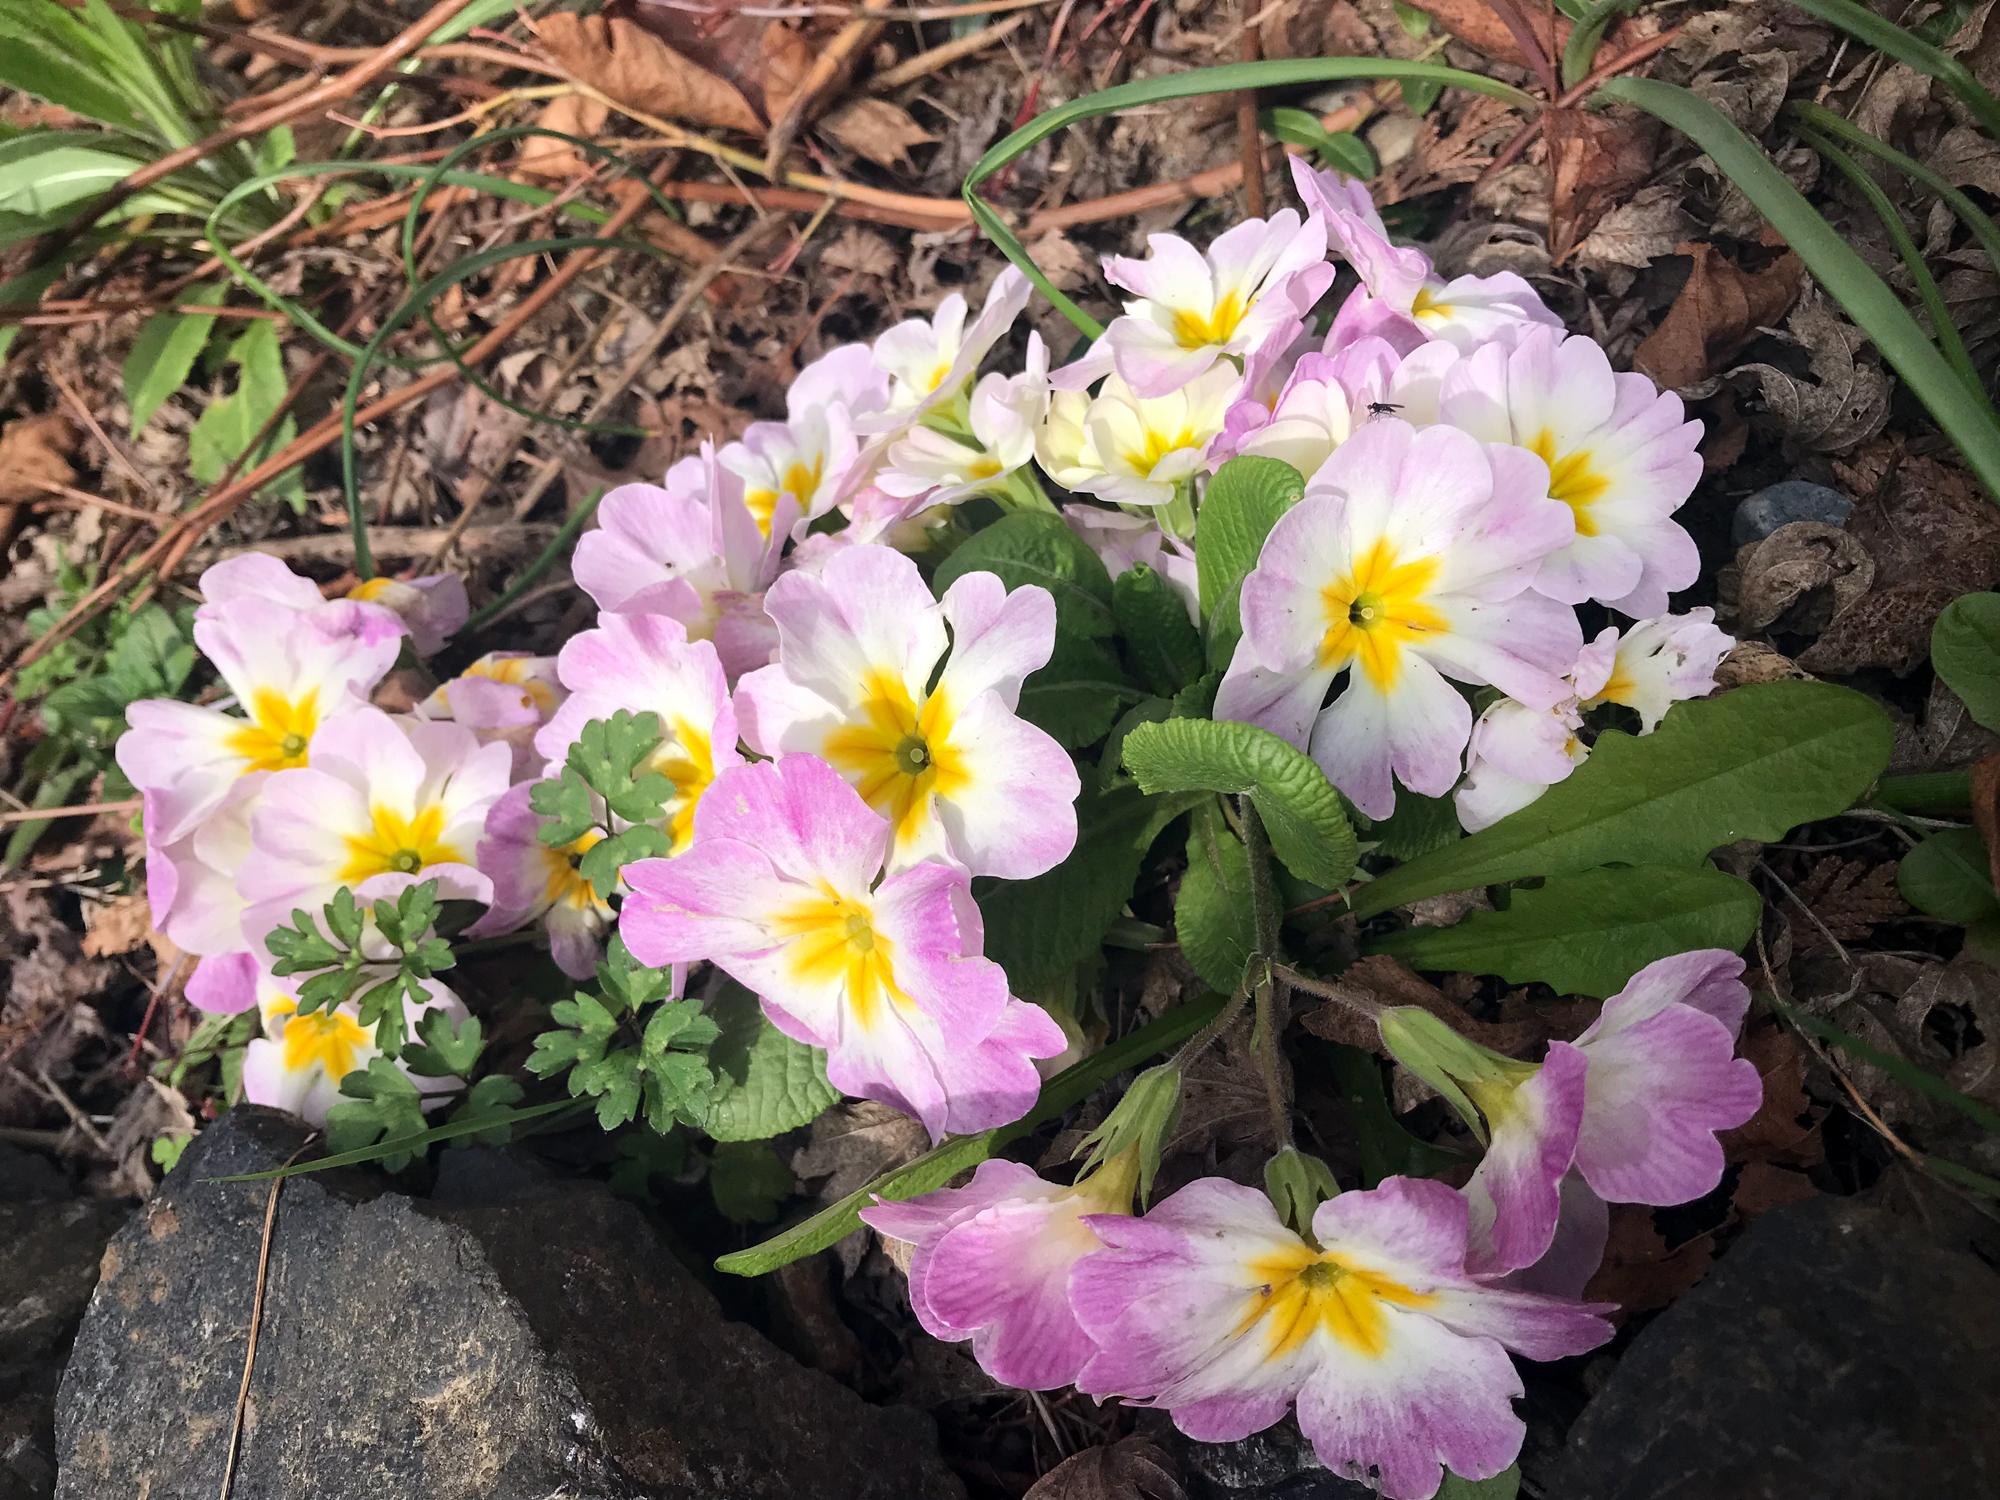 April Flowers In Season Garden